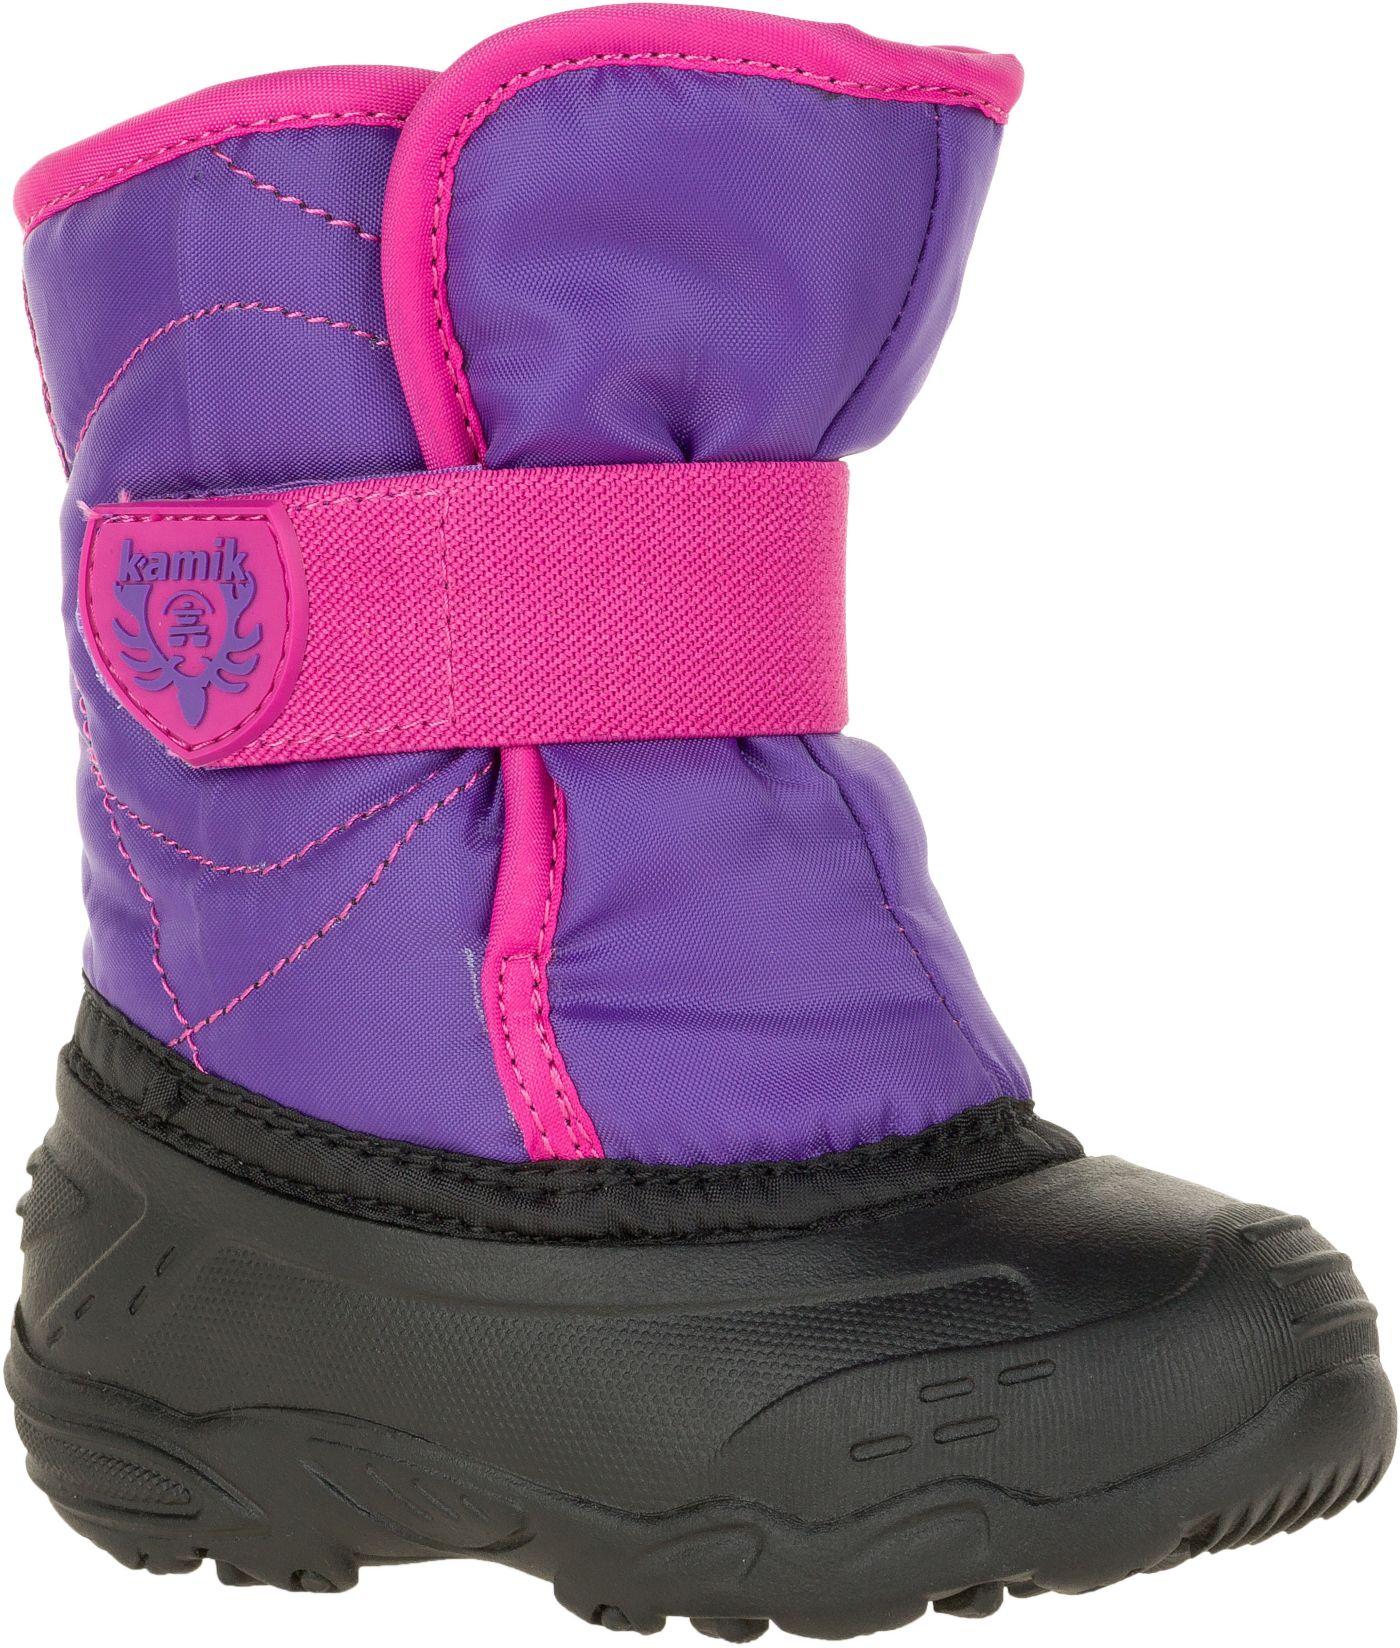 Kamik Toddler SnowBug3 Winter Boots